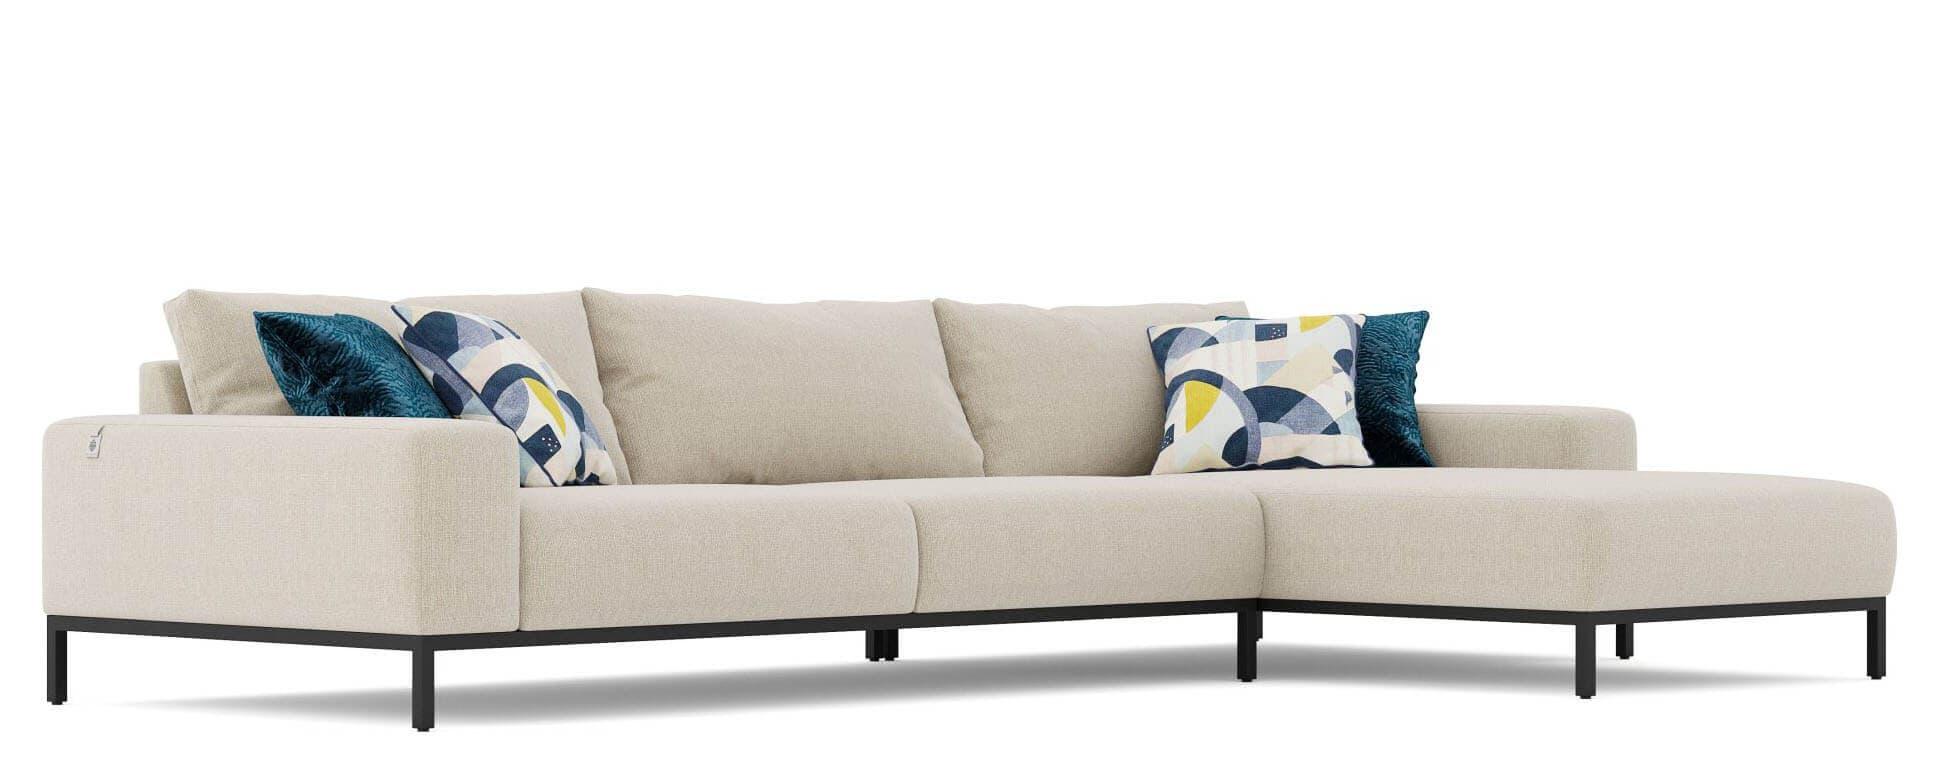 Кутові дивани (Харьків) на замовлення від виробника - Delavega